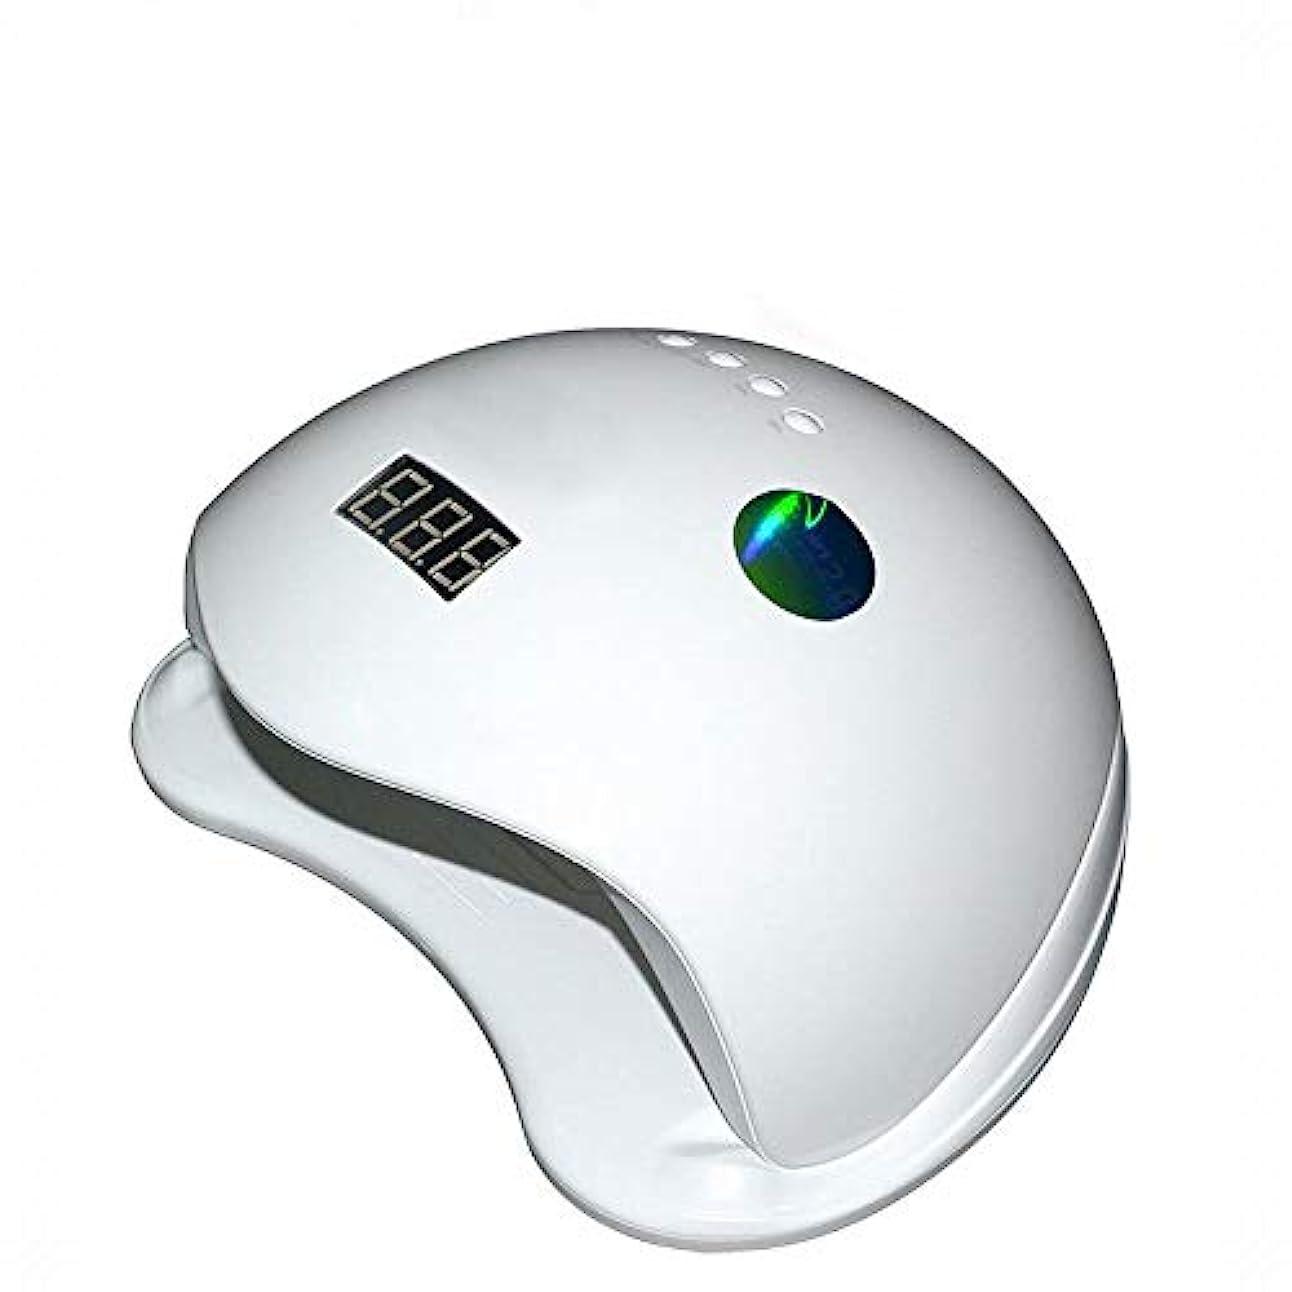 YESONEEP ネイル光線療法ランプ48WネイルドライヤーLED UV硬化乾燥ネイルランプ (Size : 48W)